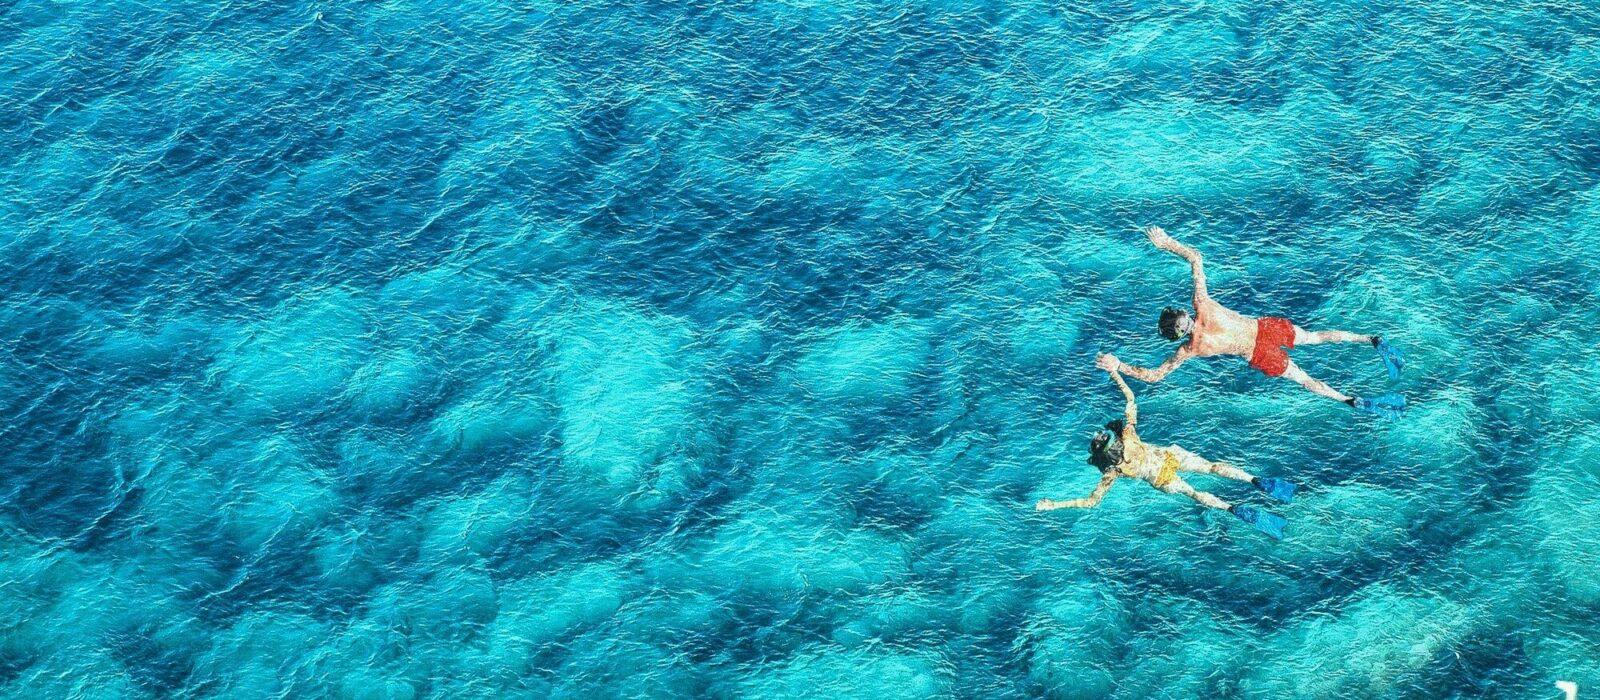 Symbolbild Reise- und Impfberatung zeigt zwei Personen schnorchelnd im Meer